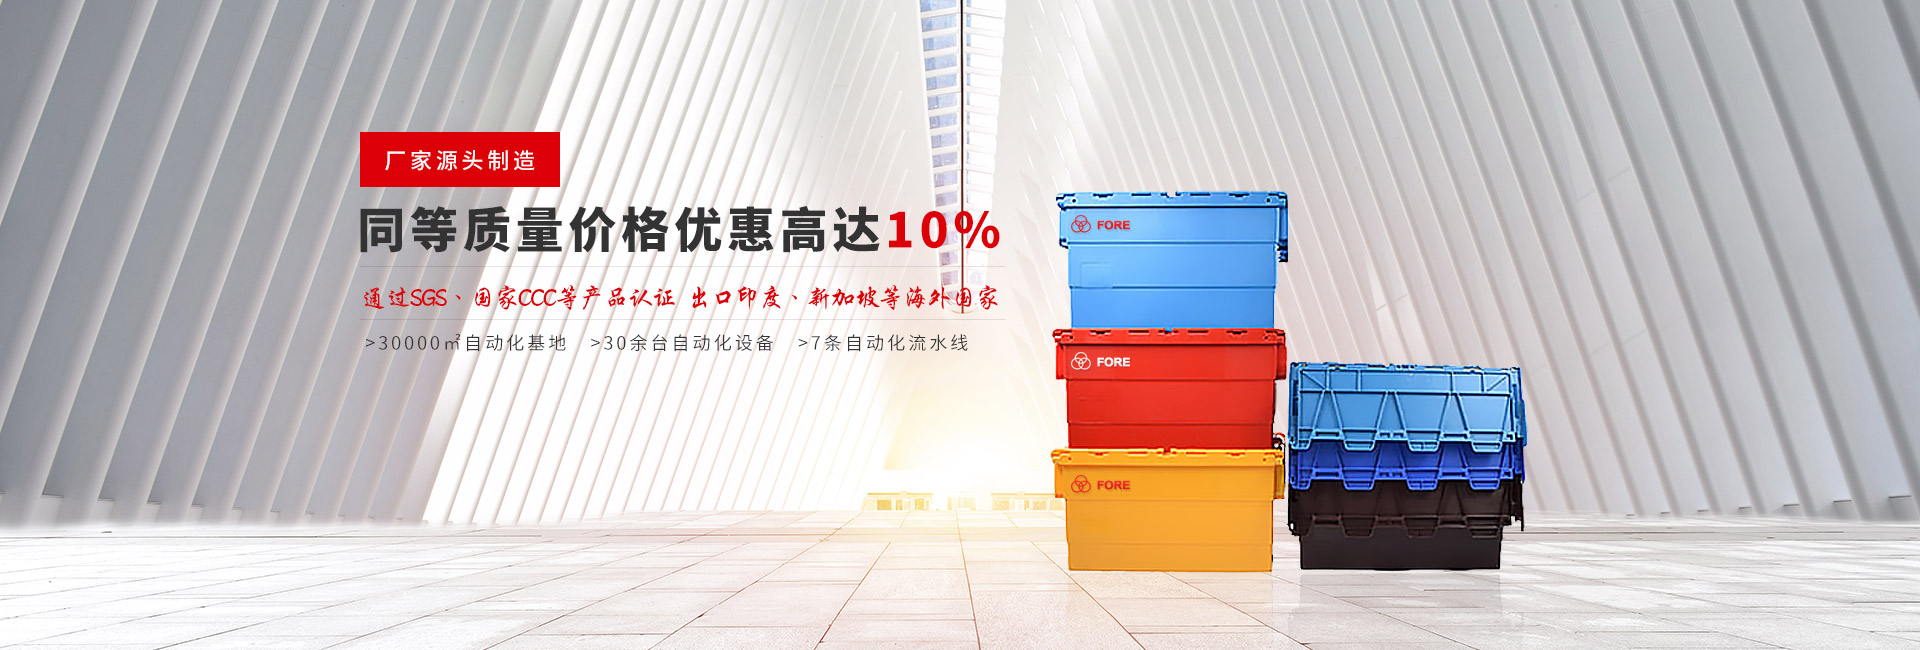 滏瑞厂家源头制造  同等质量价格优惠高达10% 通过SGS、国家CCC等产品认证  出口印度、新加坡等海外国家